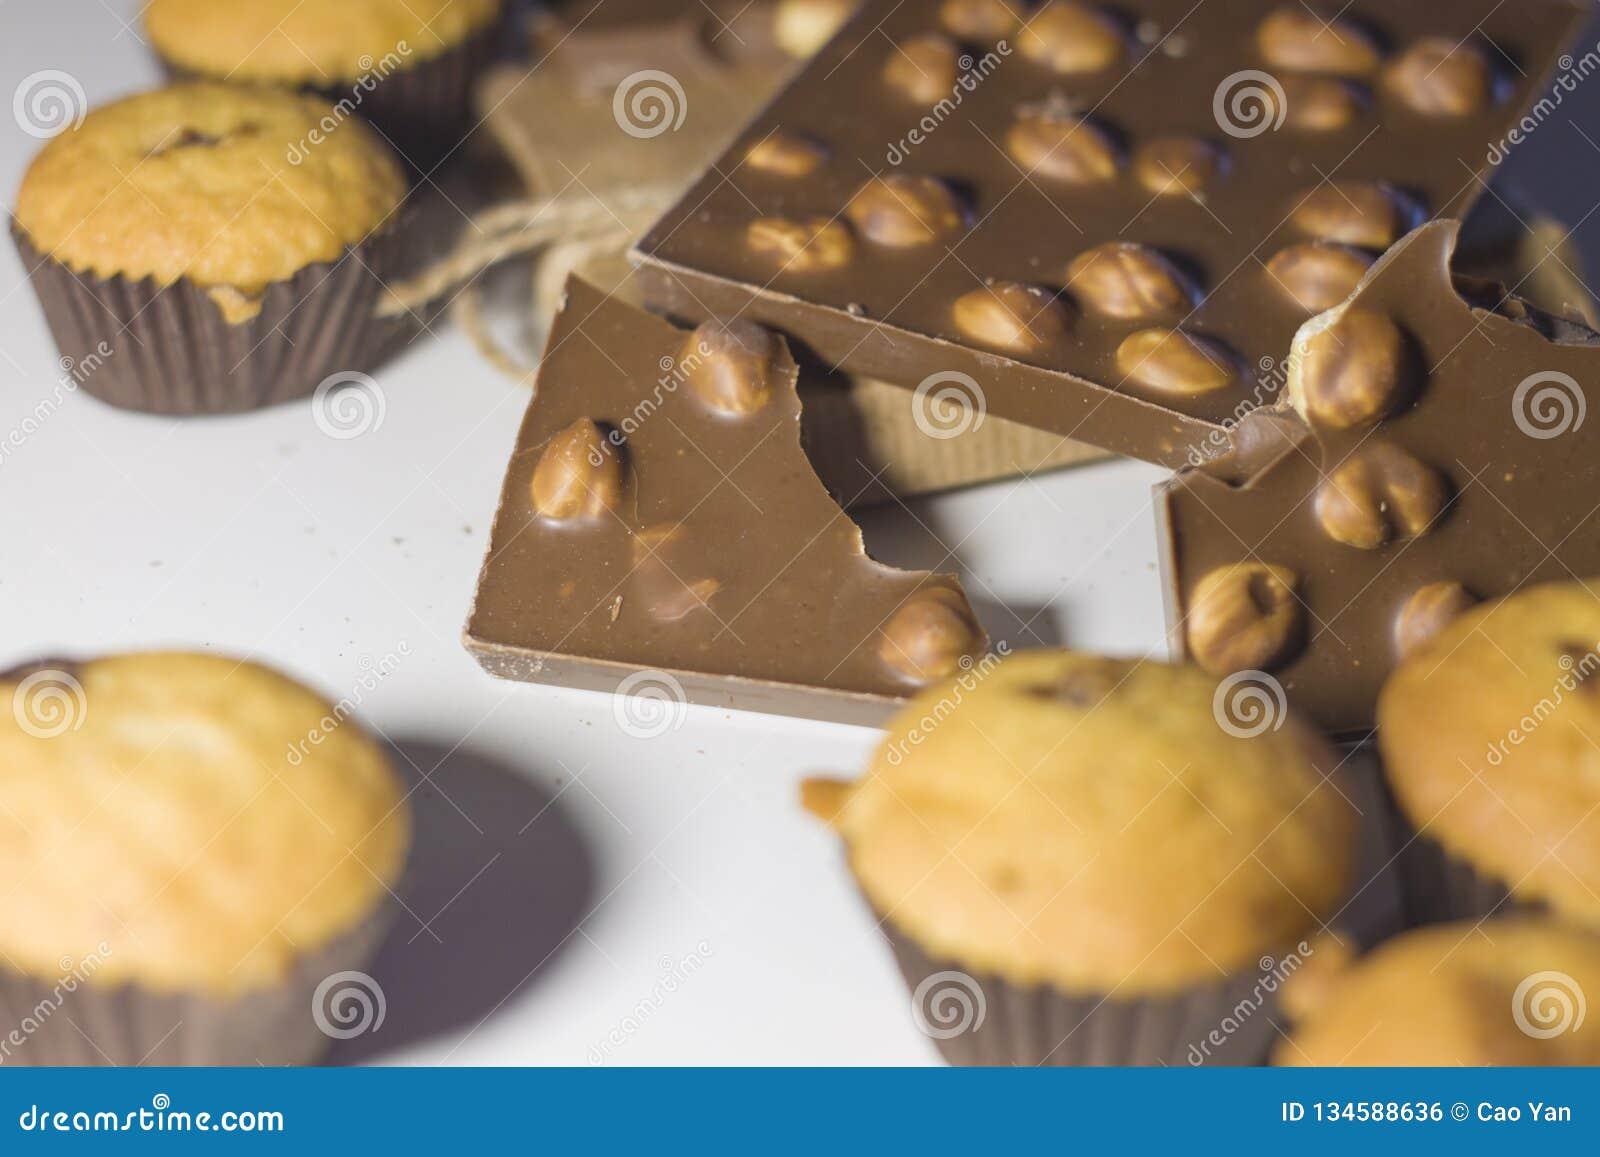 Closeup av sötsaker, choklad med muttrar och muffin på en vit bakgrund